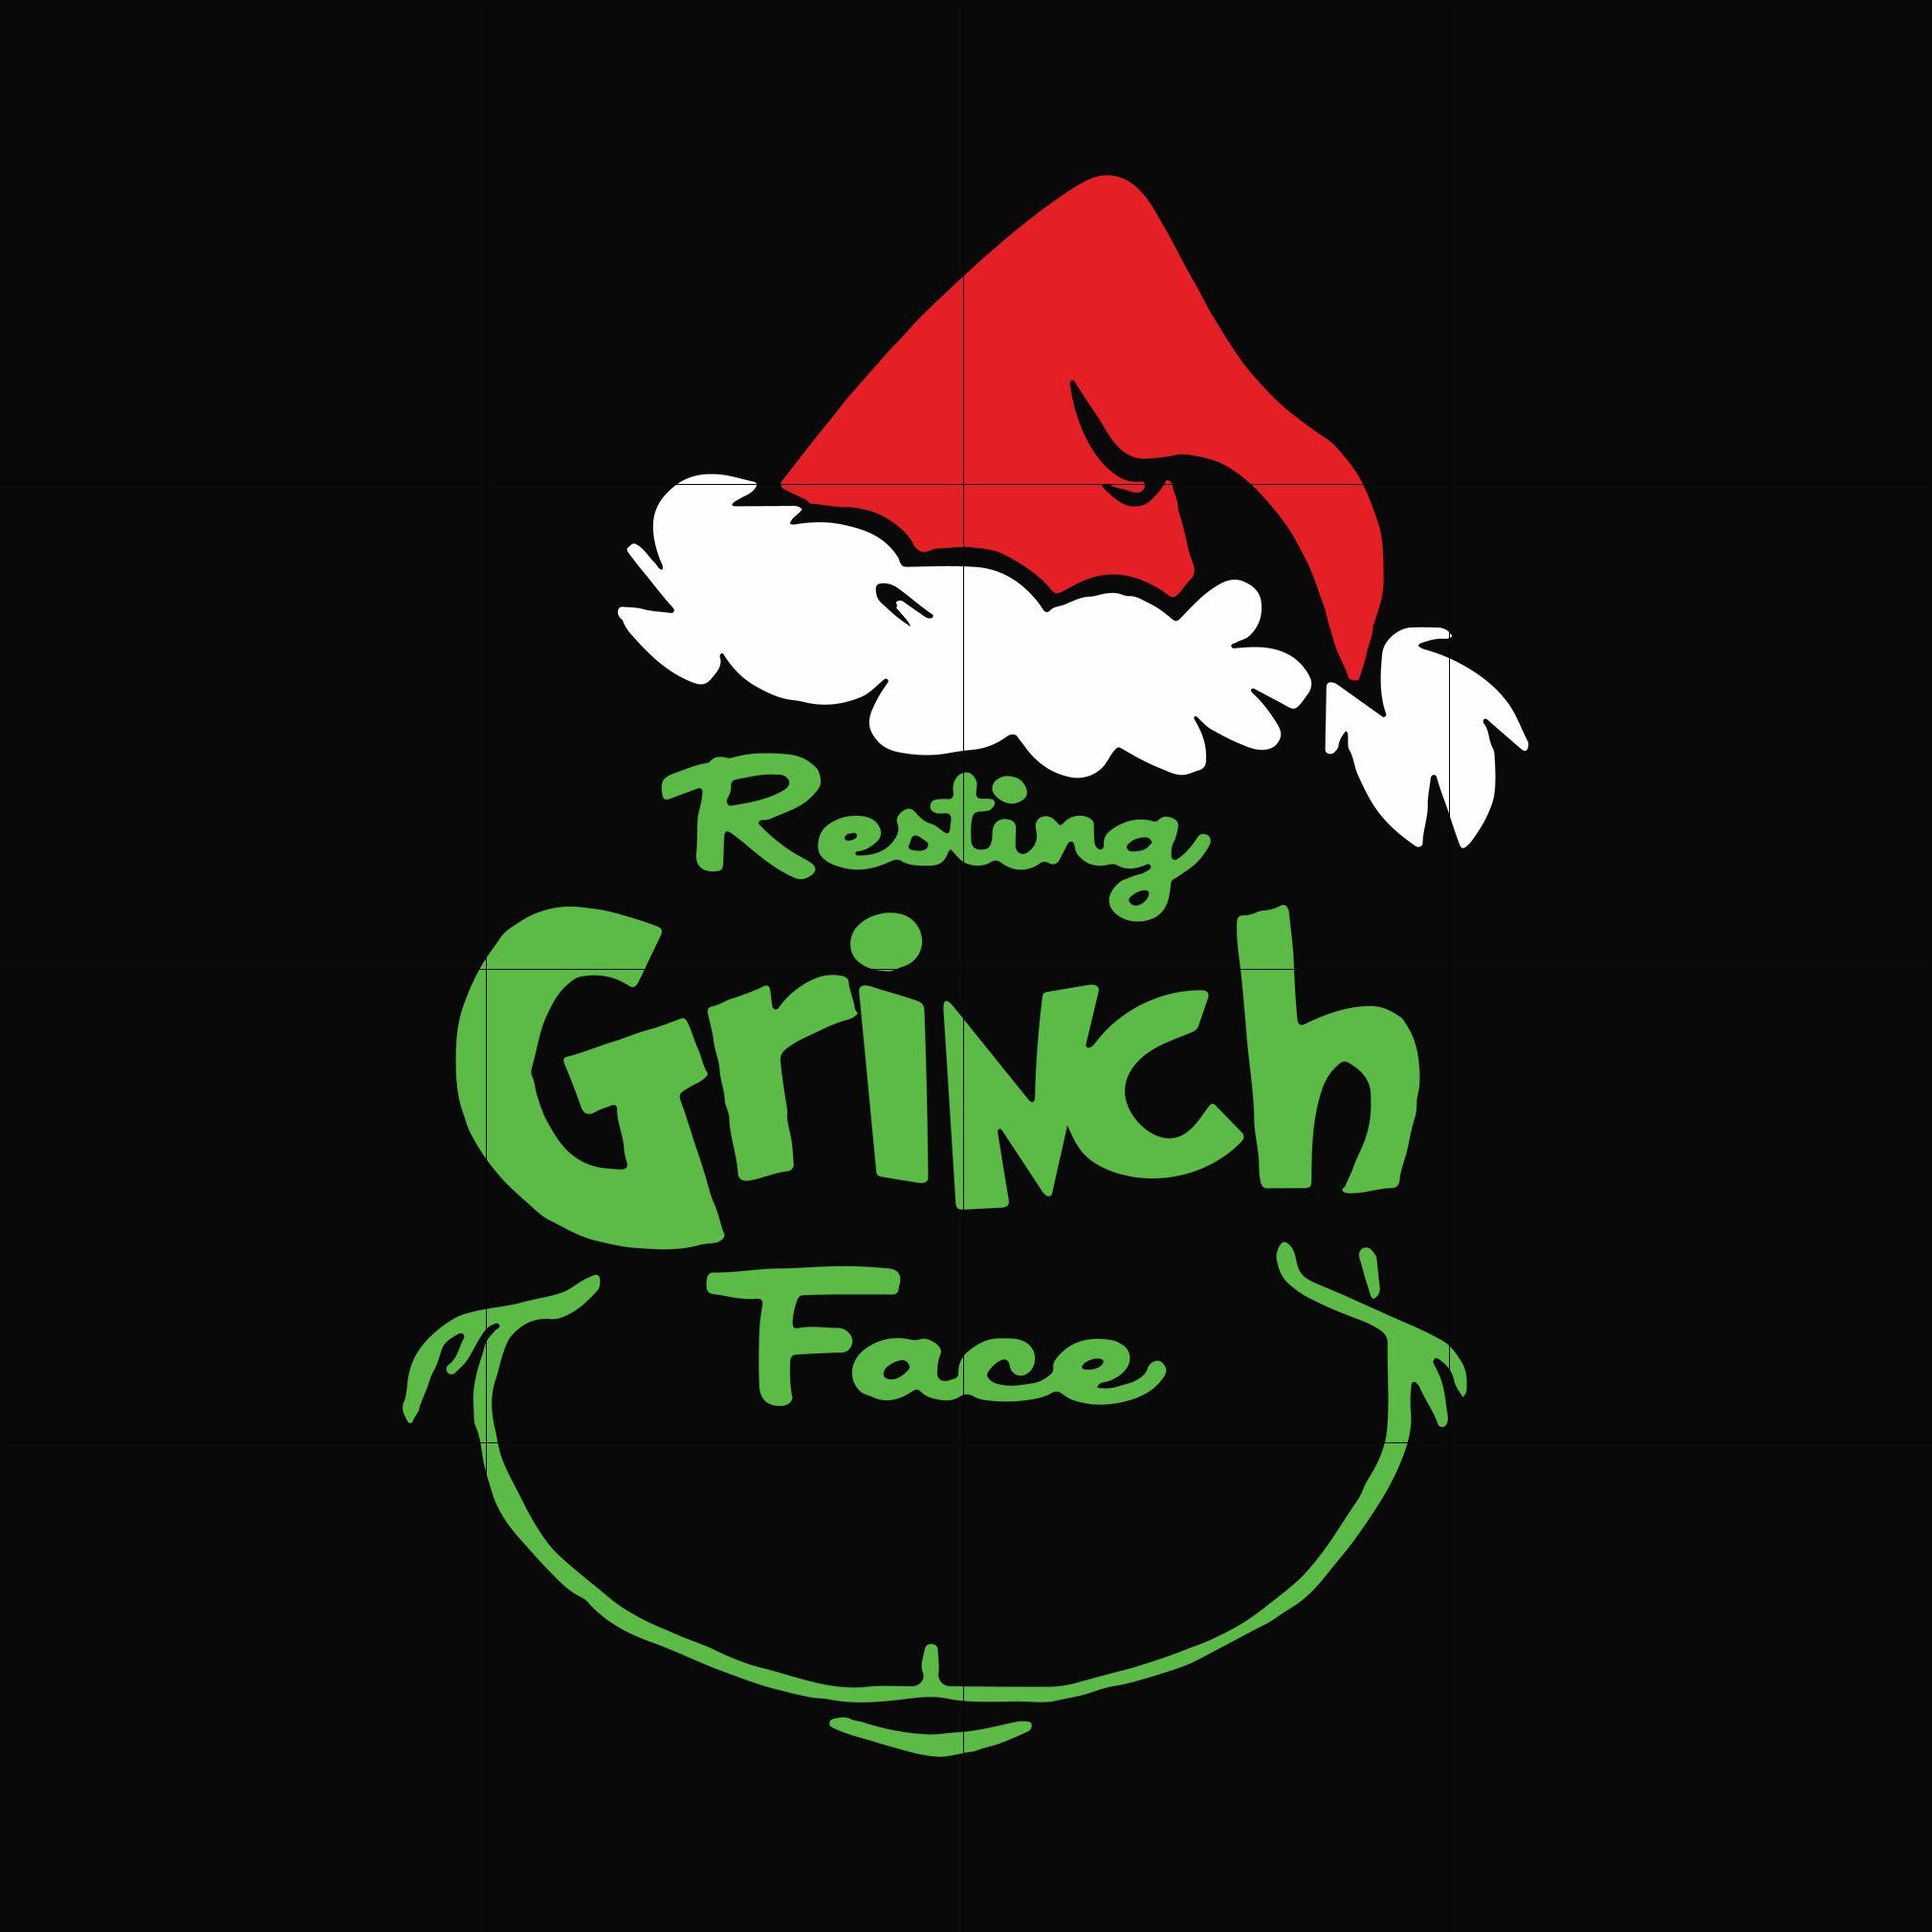 Resting Grinch Face Svg Png Dxf Eps Digital File Ncrm13072026 Grinch Face Svg Christmas Svg Svg